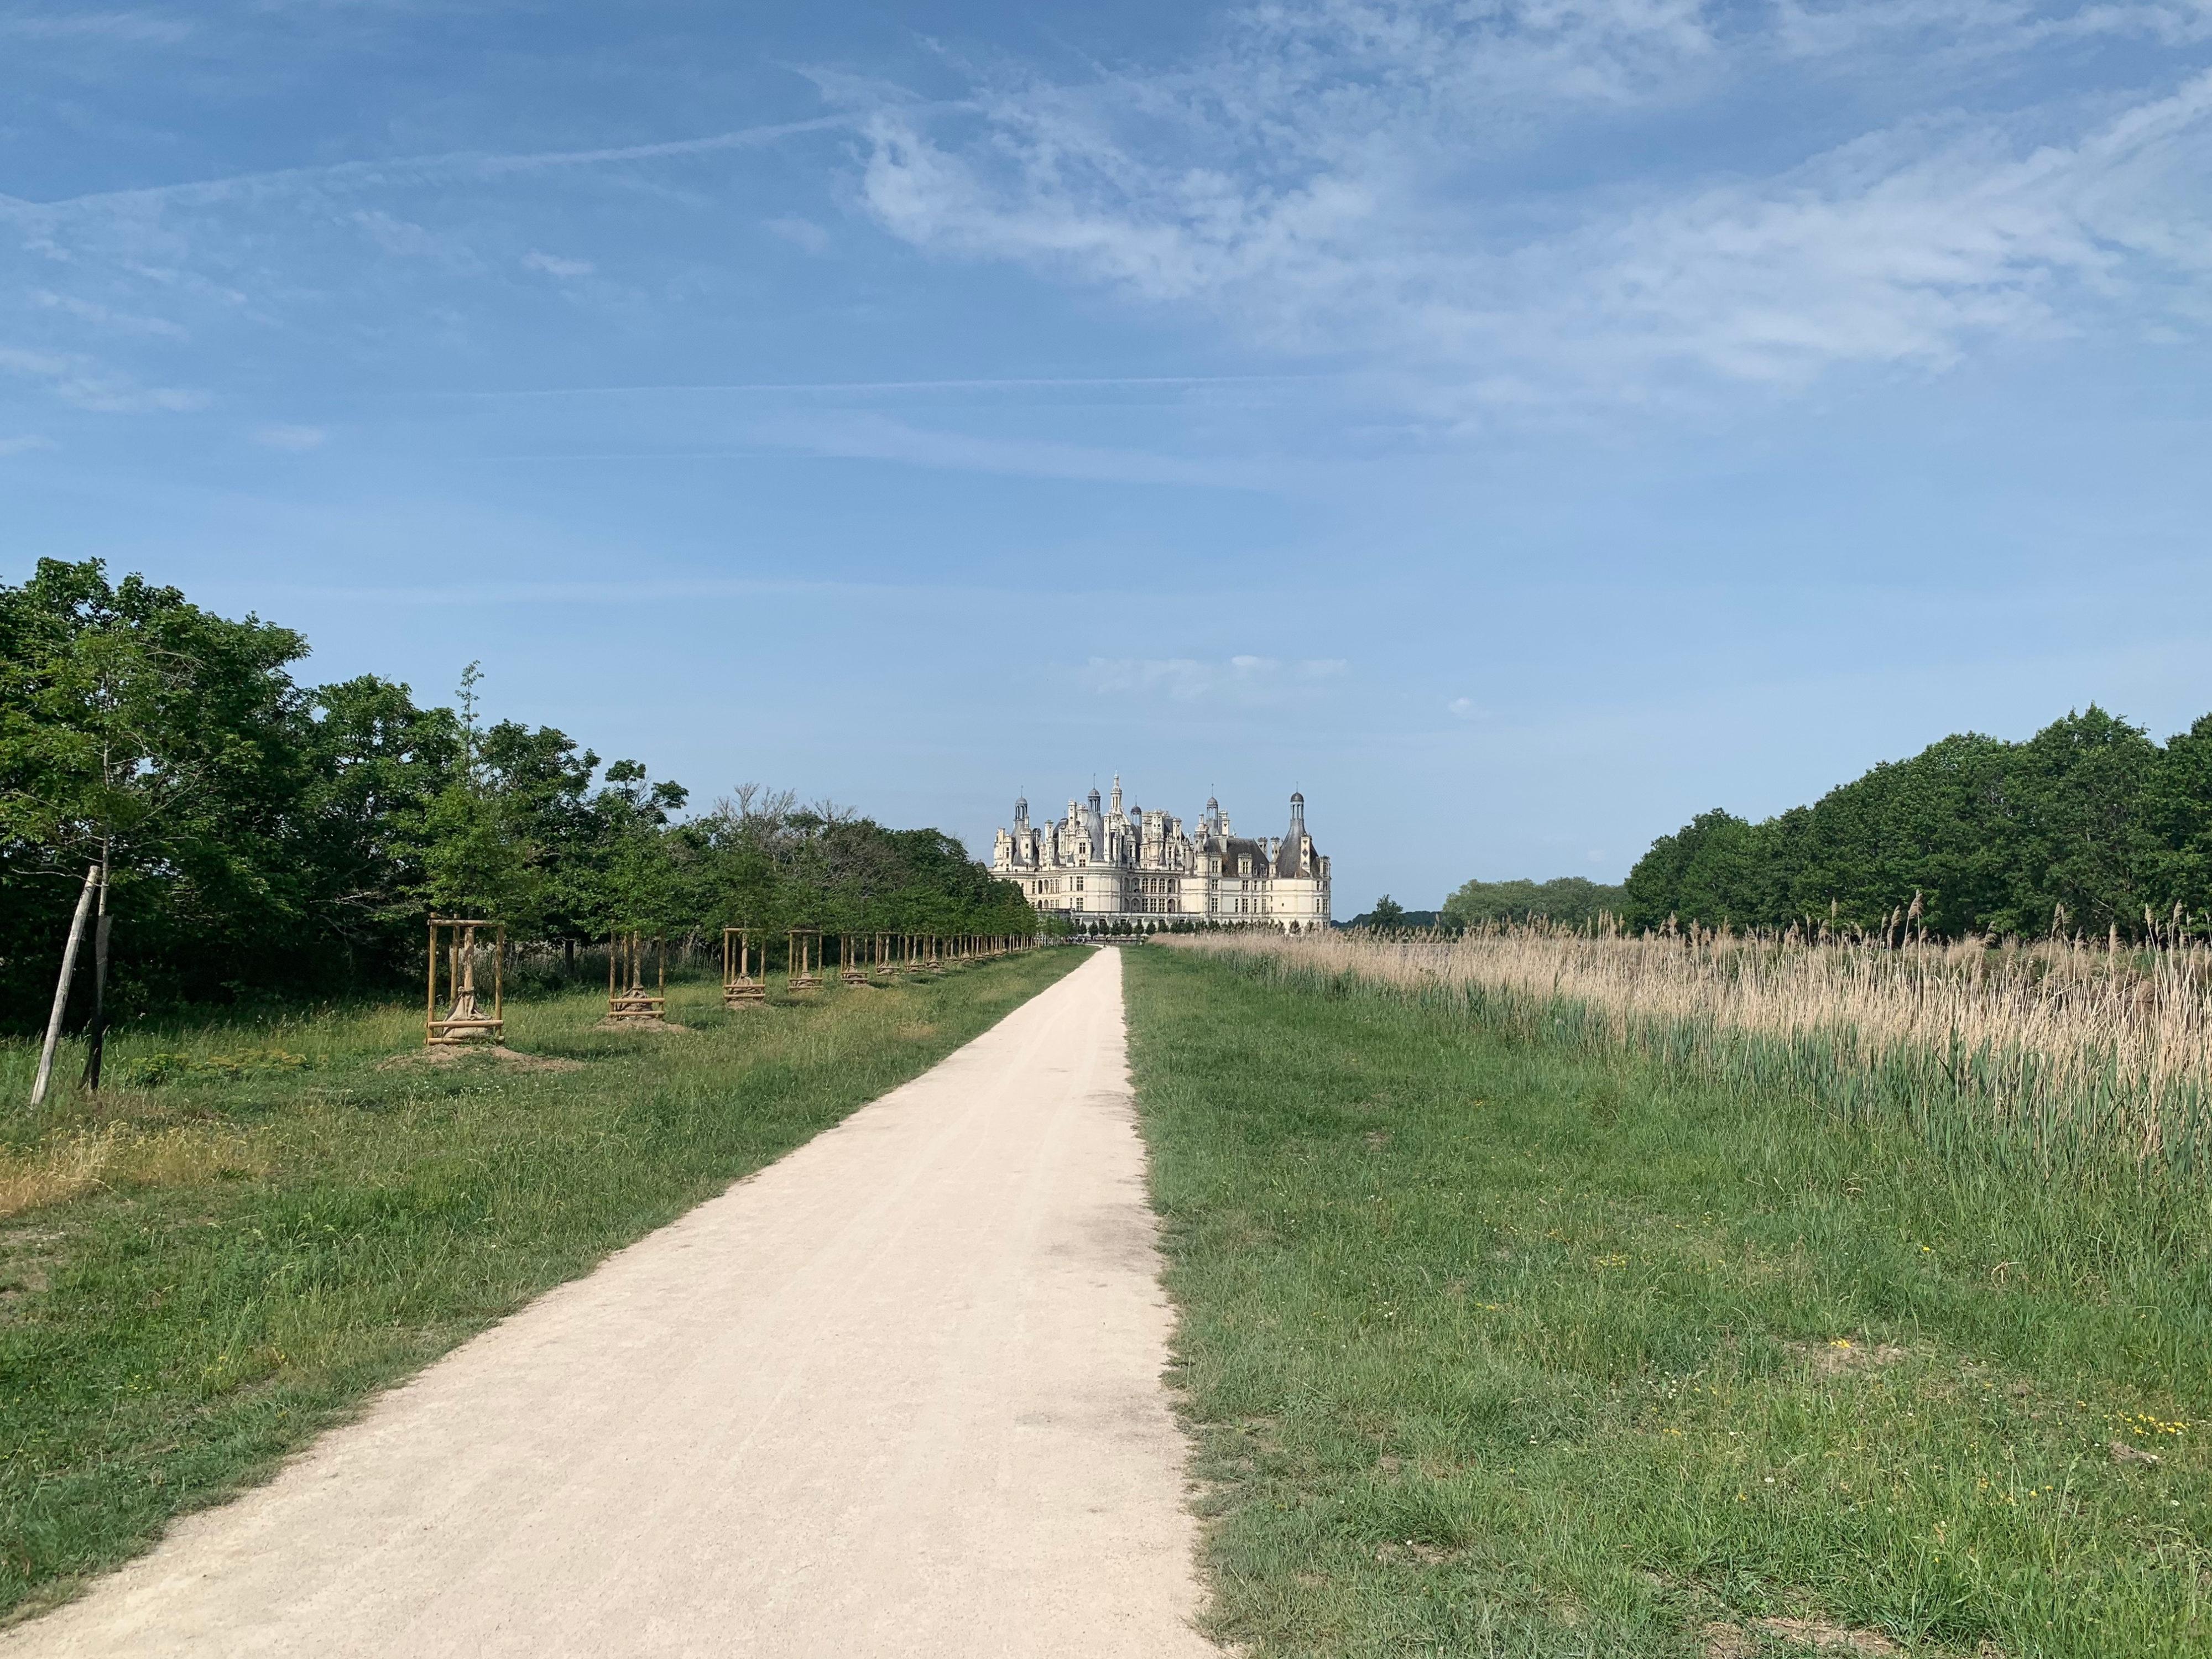 Chambord, das weltweit einmalige Schloss bei größerer Annäherung